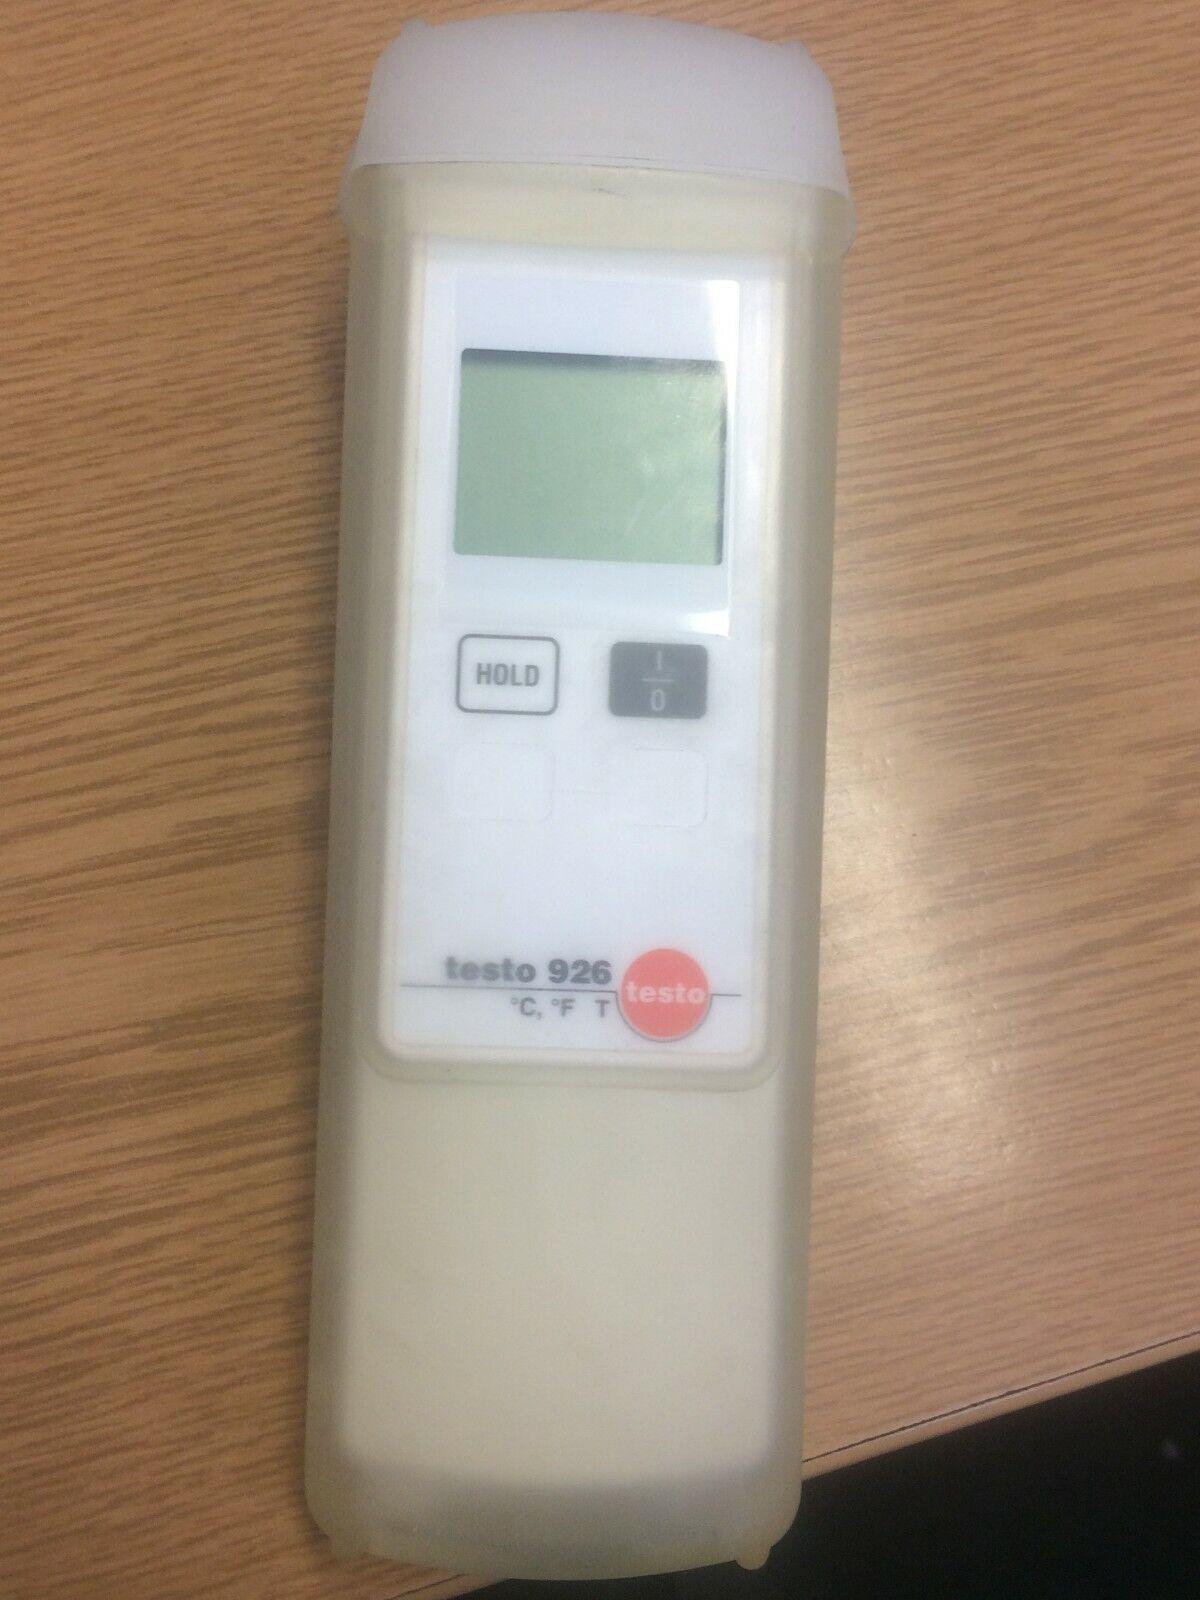 Testo, 926, Strumento a 1 ingresso per misurare la temperatura degli alimenti, 0